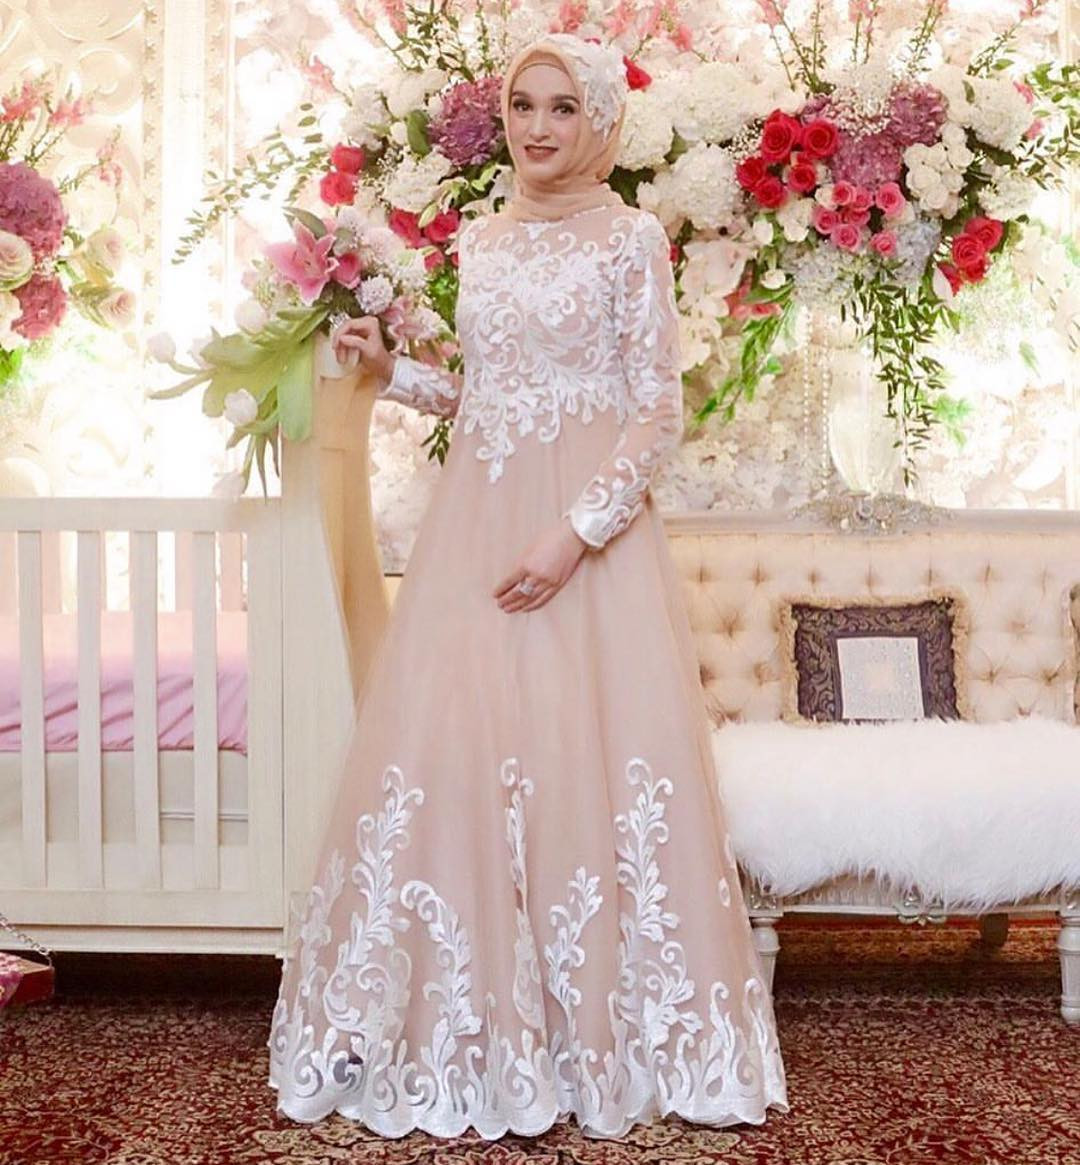 Gaun Pengantin Muslimah Untuk orang Gemuk Lovely 17 Model Baju Pengantin Muslim 2018 Desain Elegan Cantik